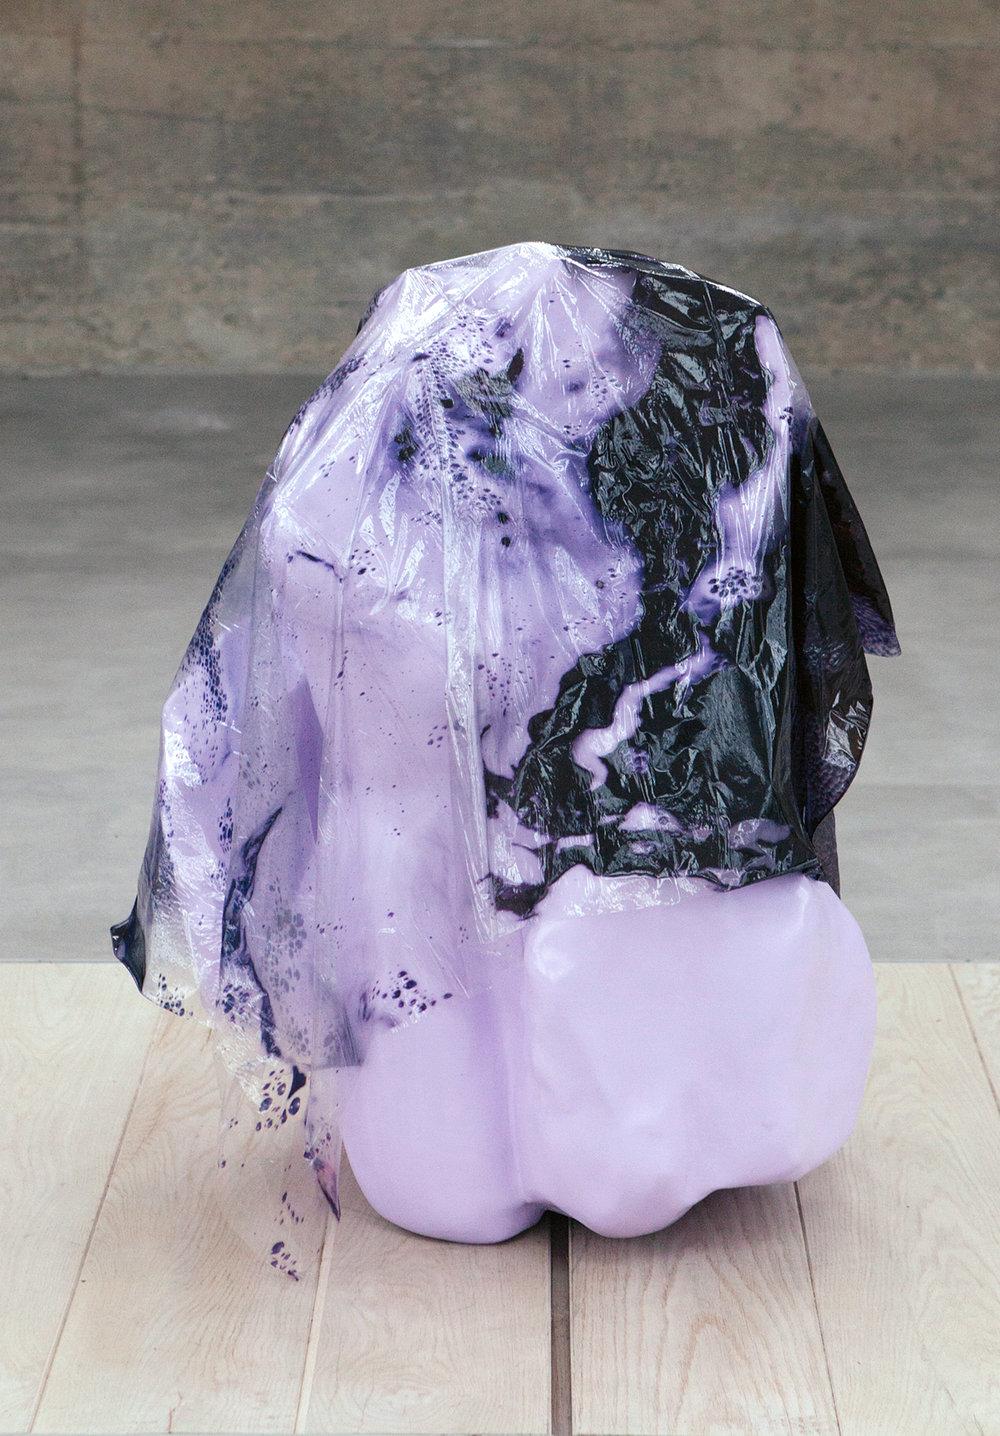 SQUABBLE ,Sculpture, 2017,91 x 70 x 64 cm,Inkjet print on plastic, polystyrene, fiberglass, paint